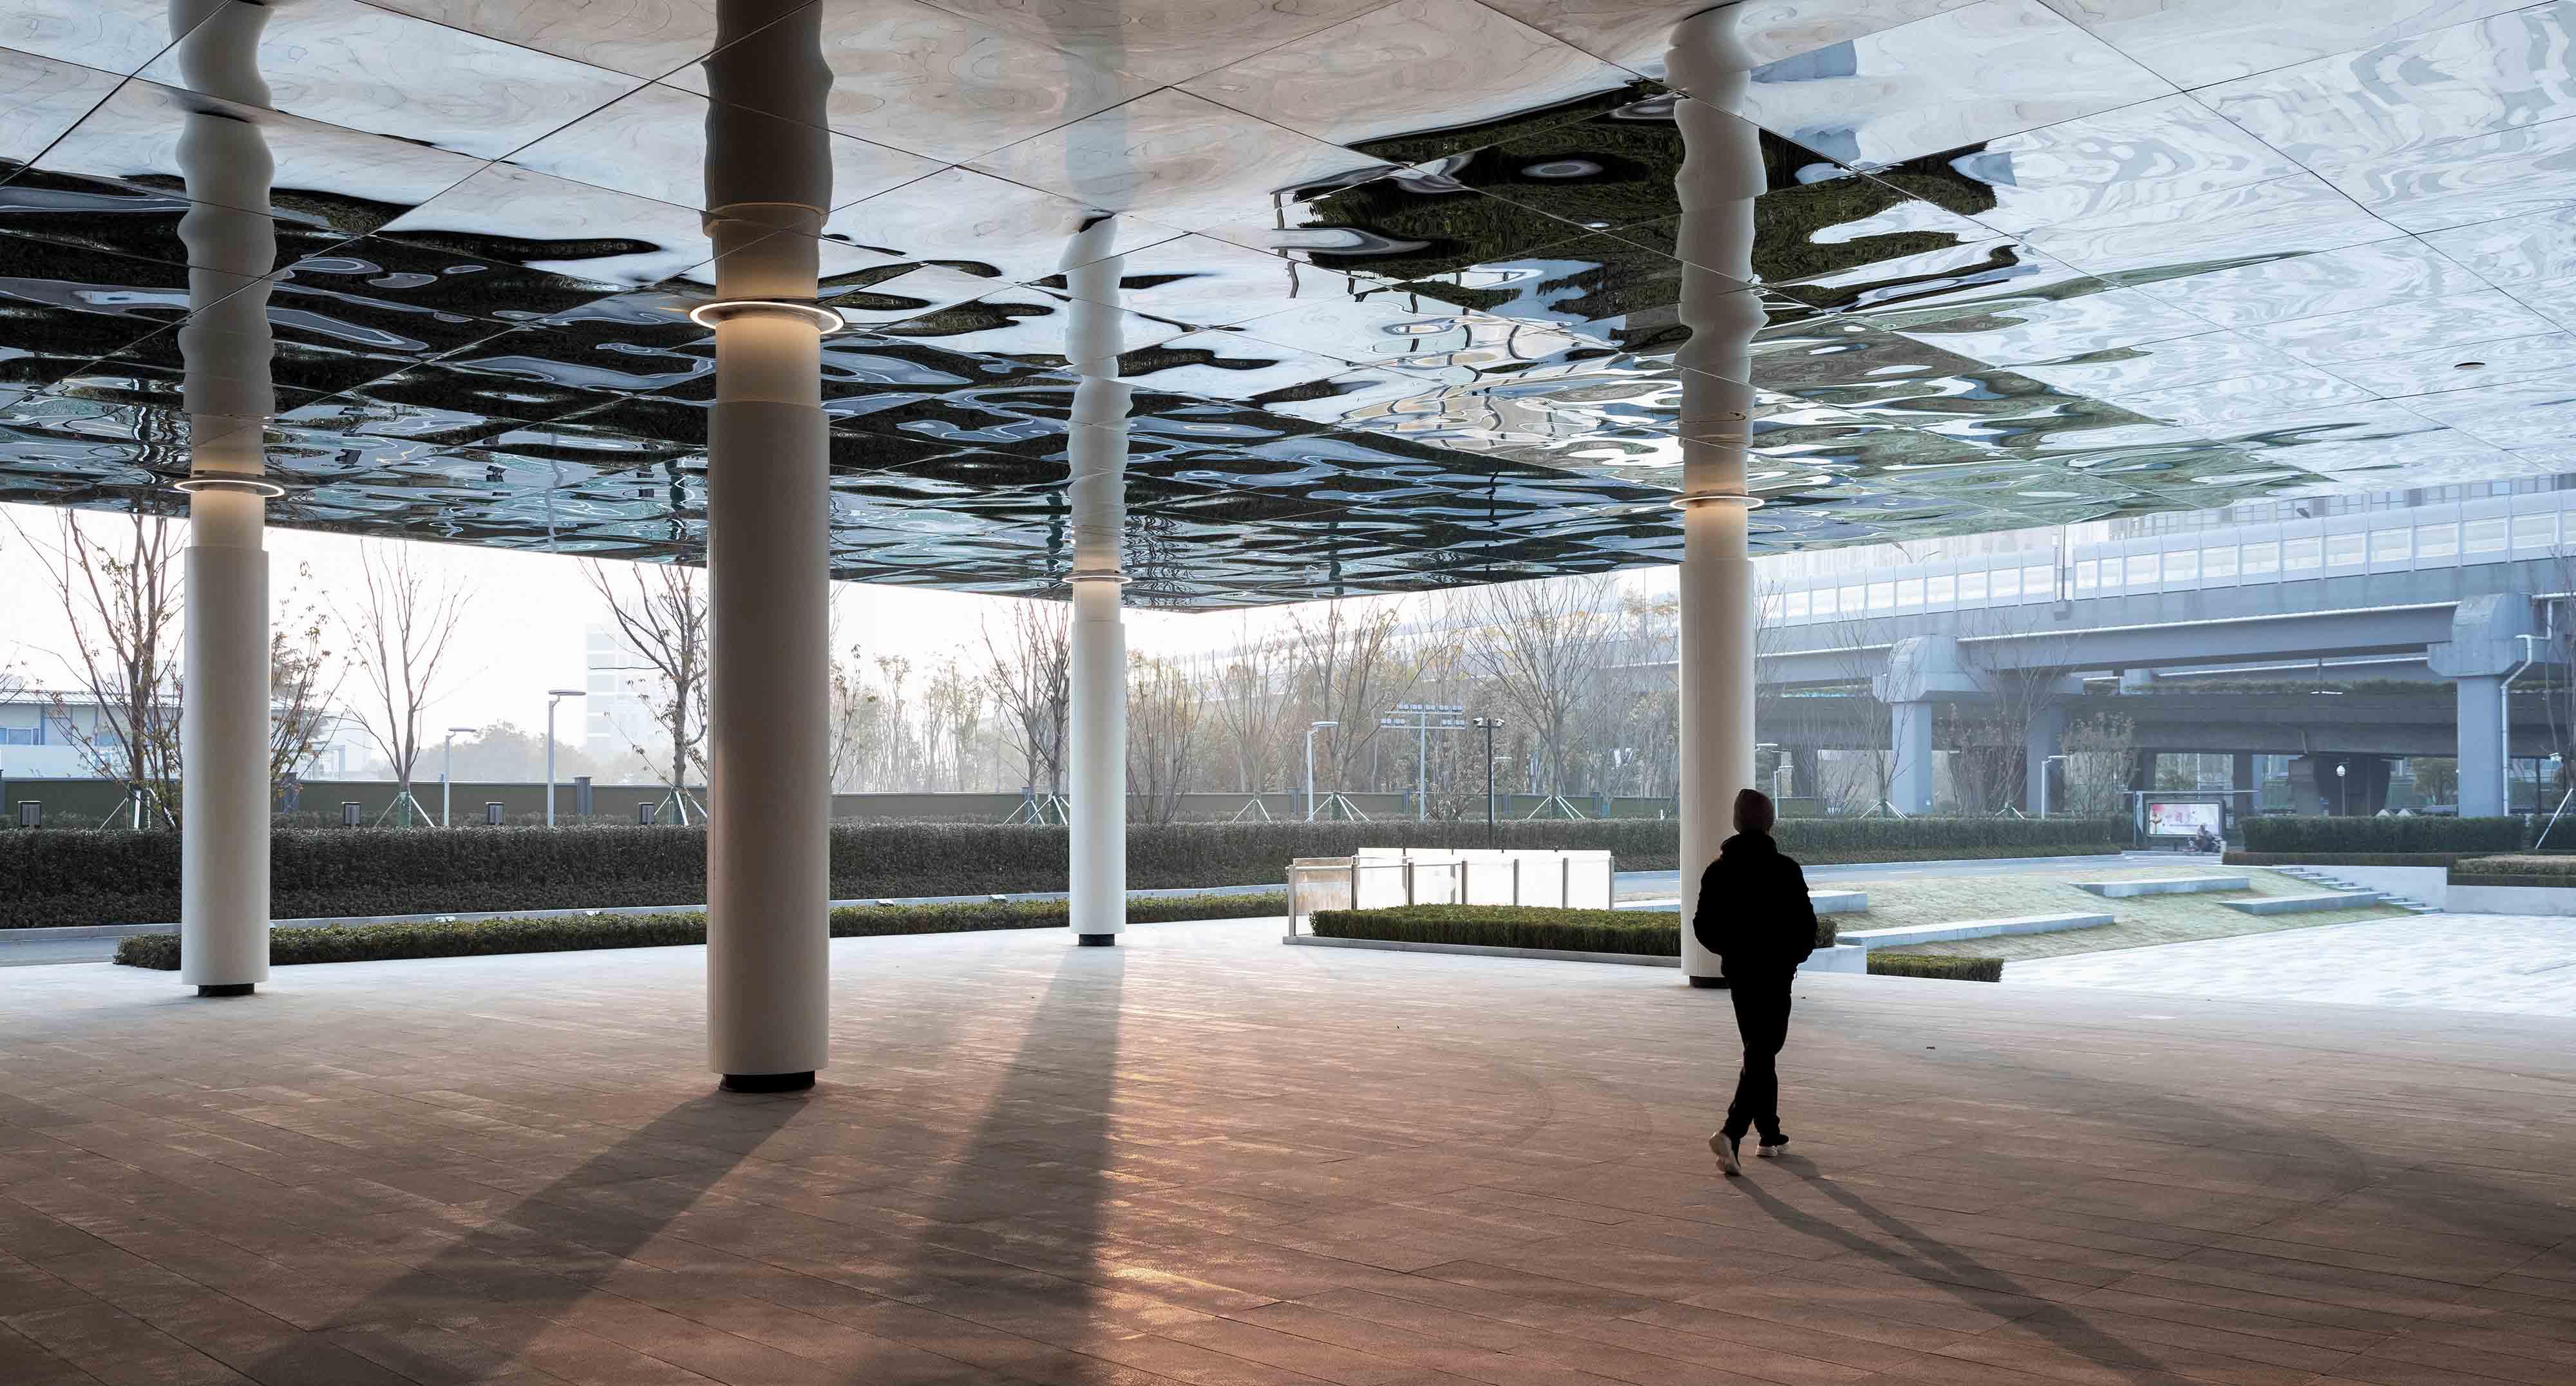 Ground Floor Built on Stilts Schran Images